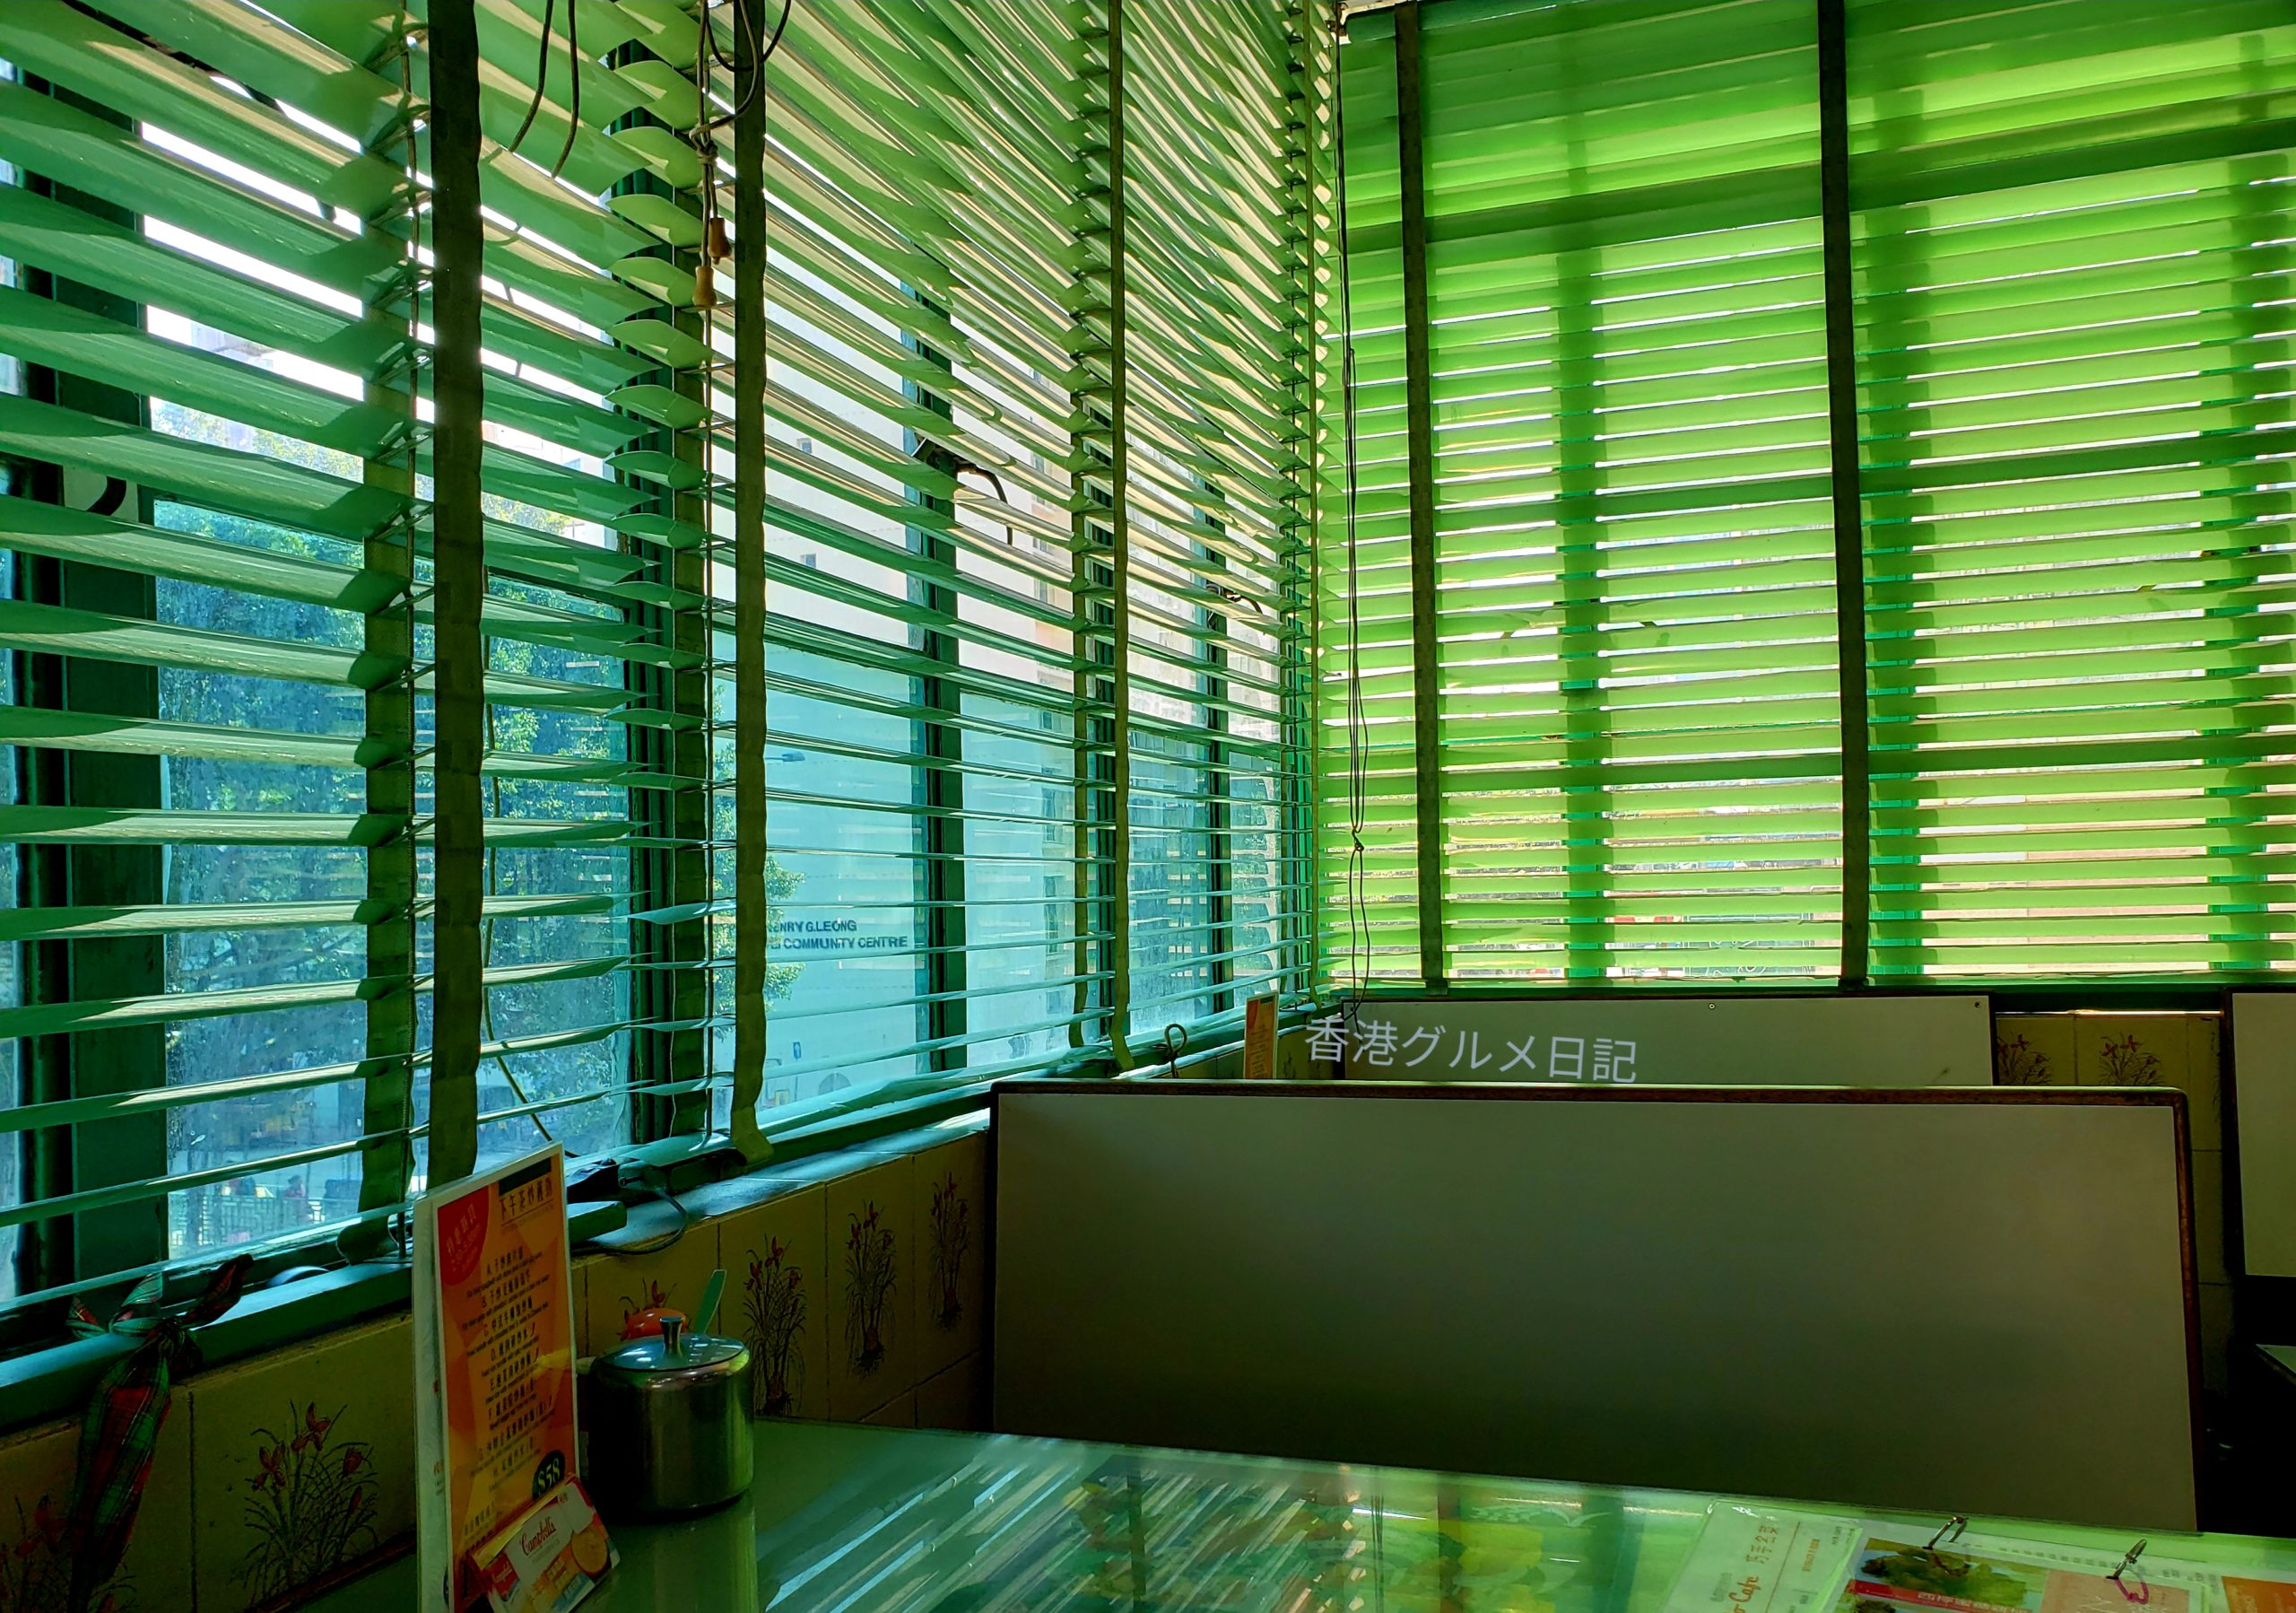 香港レトロカフェのインテリア